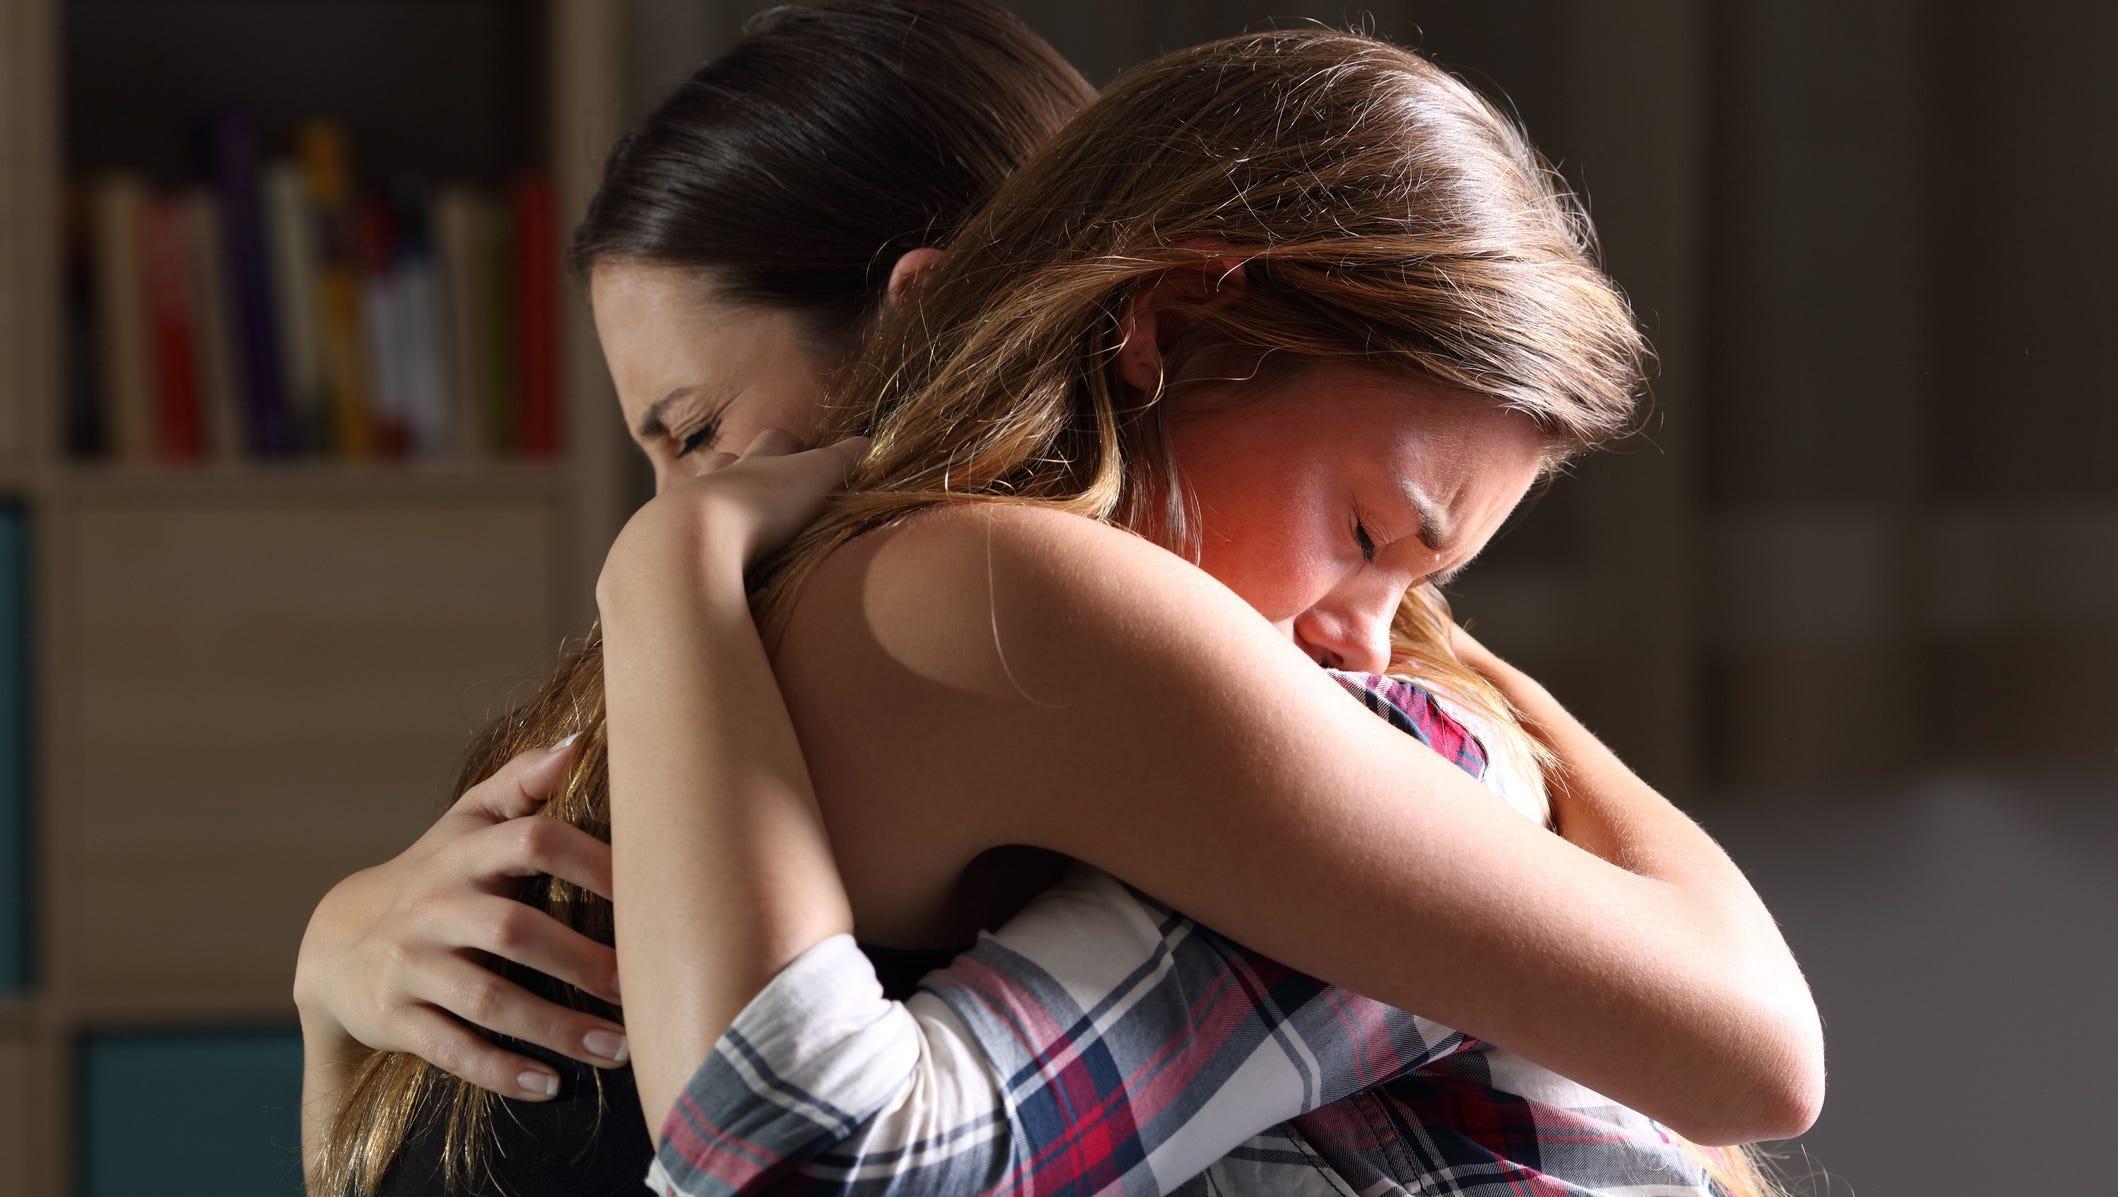 6 πράγματα που κάθε έφηβος θέλει να σας πει αλλά δειλιάζει